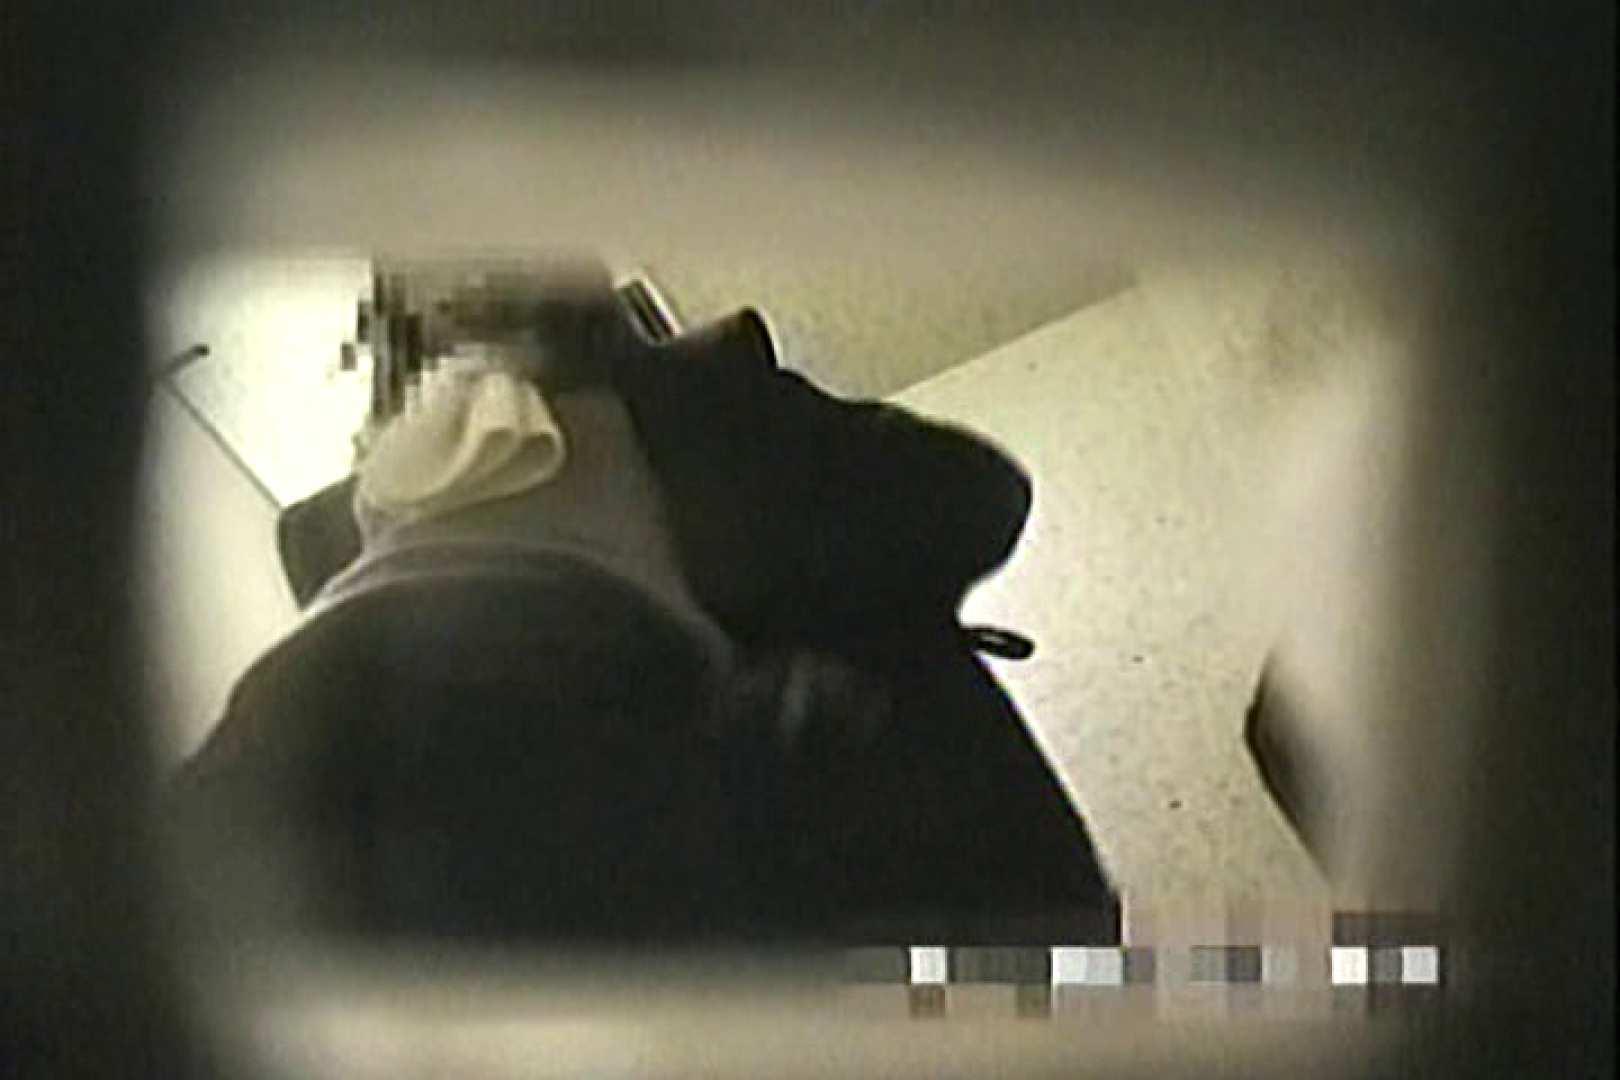 女子洗面所盗撮 今度の2カメは若い子だらけ  TK-127 マルチアングル AV無料 73PIX 34